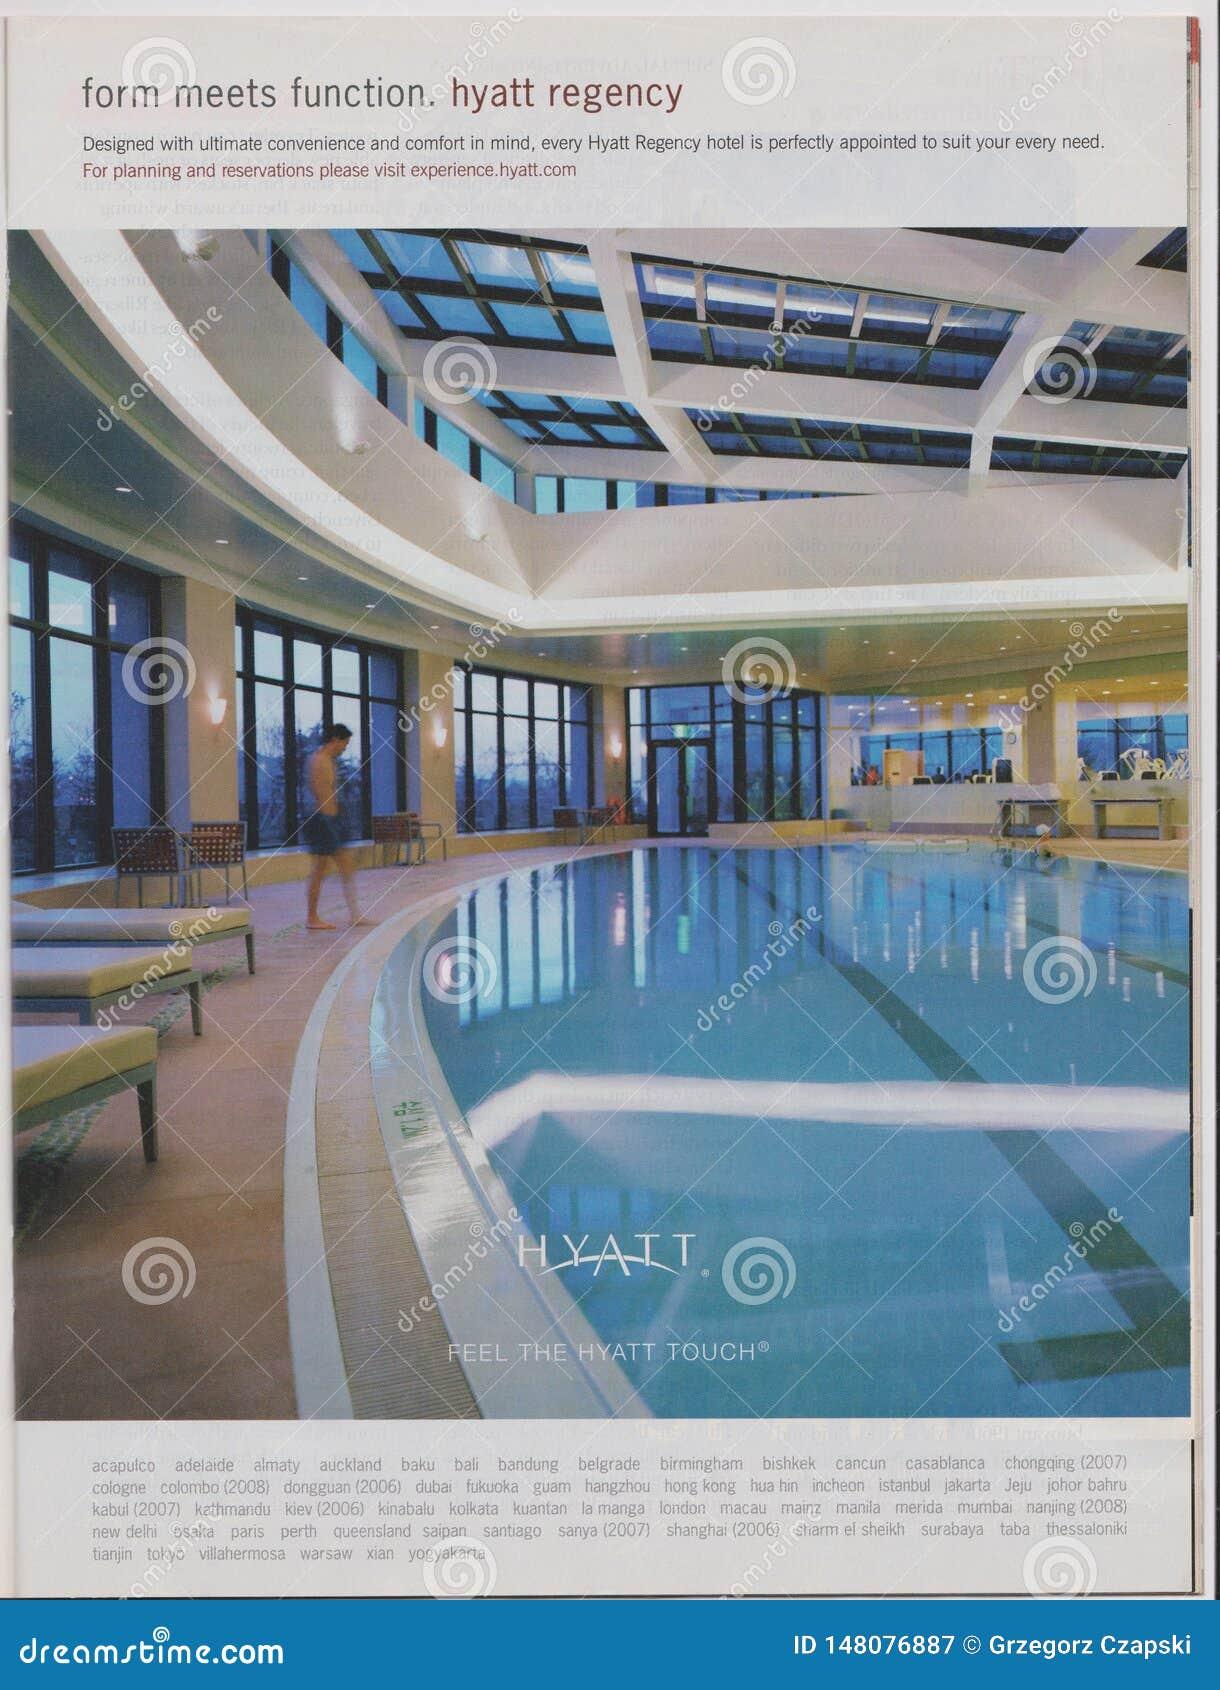 L hôtel de Hyatt de publicité par affichage en magazine à partir d octobre 2005, forme rencontre la fonction Sentez le slogan de